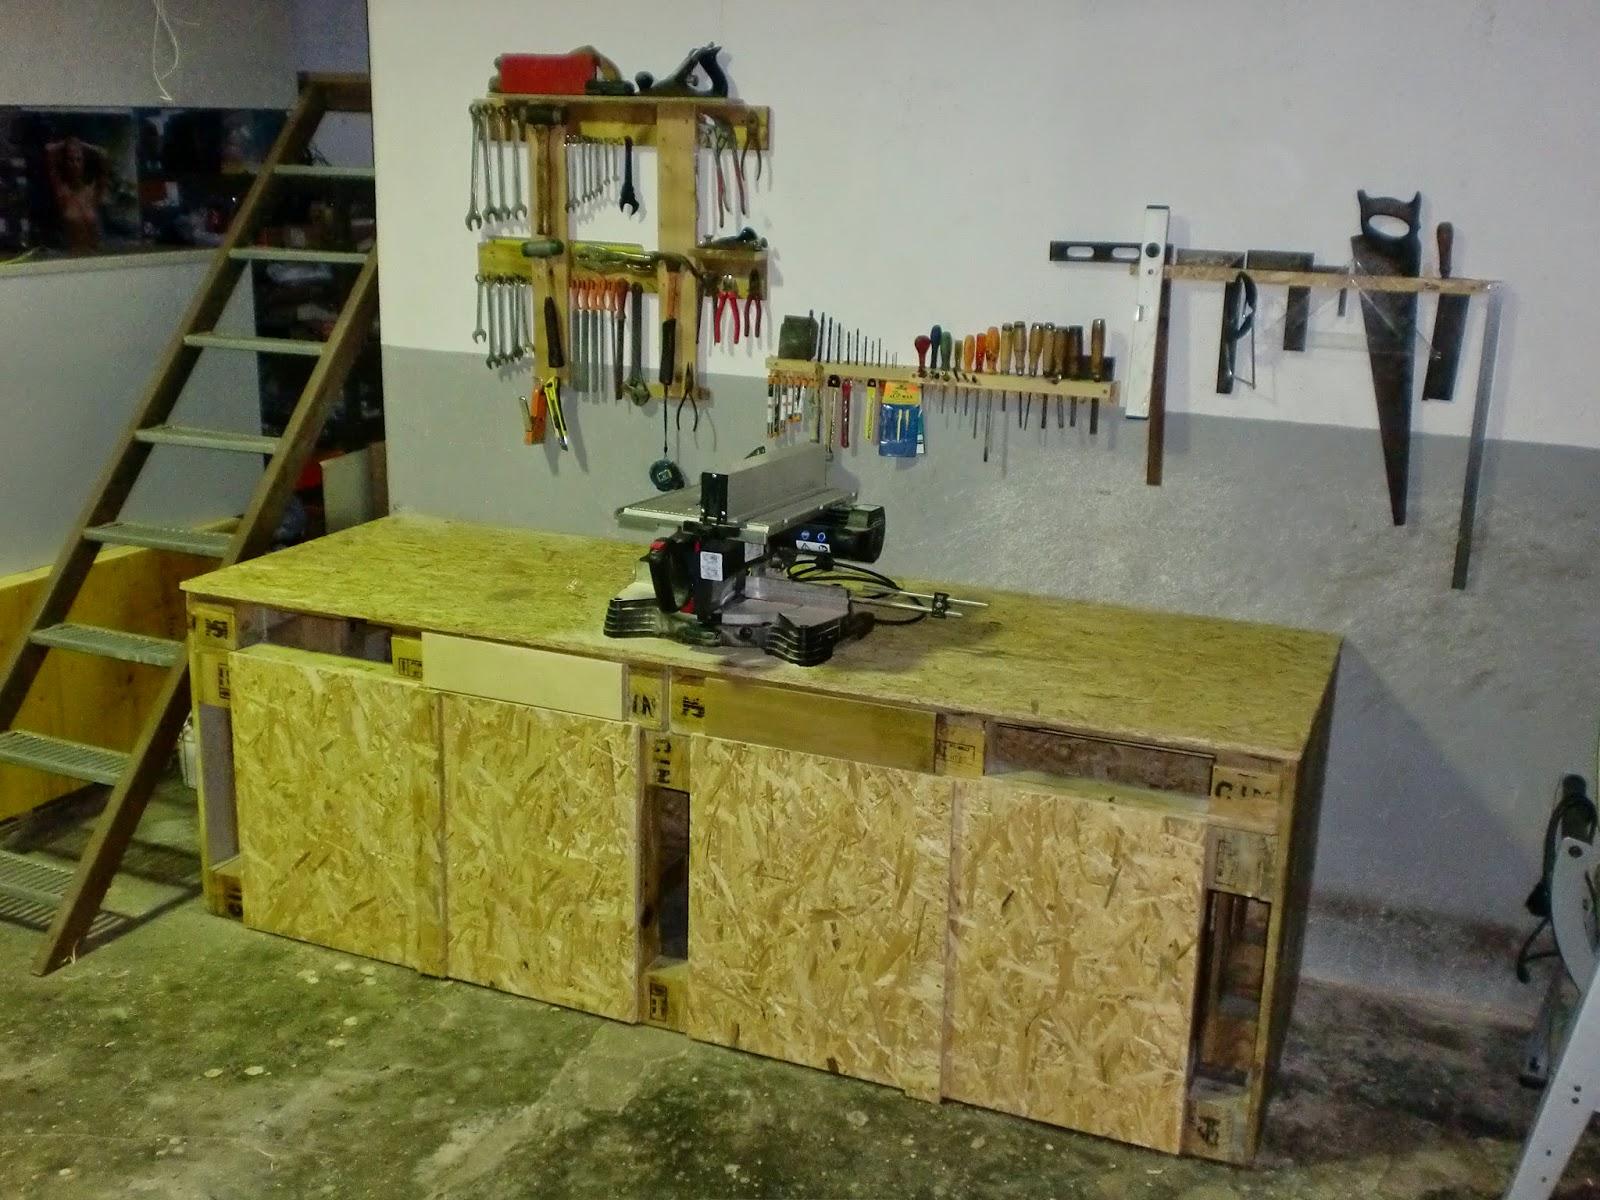 Oficina da Madeira: Bancadas de trabalho com paletes de madeira #604920 1600x1200